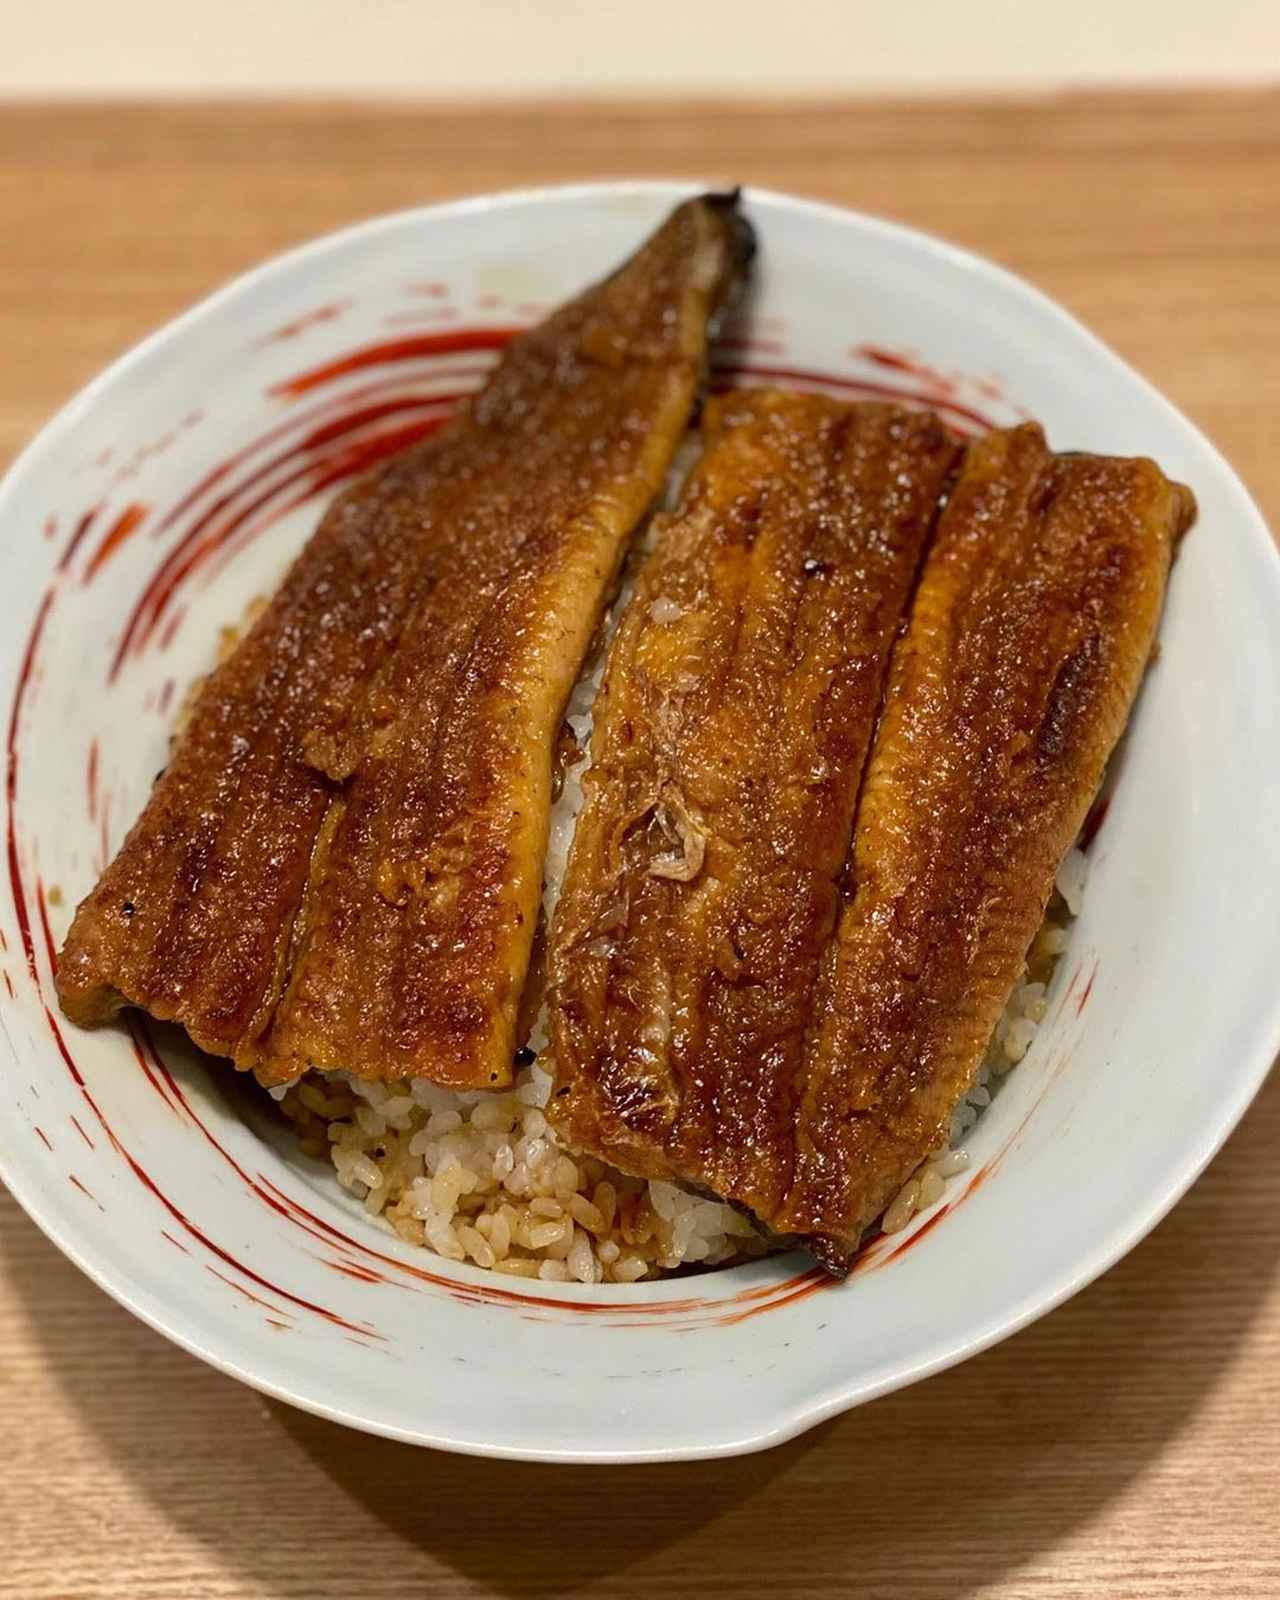 """画像1: 秋山具義 on Instagram: """"お取り寄せで、大好きな京都『大國屋鰻兵衞』の「鰻兵衞さんのうなぎ弁当」を京都から送ってもらって、鰻はオーブンで、ご飯はレンジで、最高に美味しかった!!!  家で『大國屋鰻兵衞』の鰻が食べられるなんて、幸せすぎる♡♡♡  1日10食限定とのことです。…"""" www.instagram.com"""